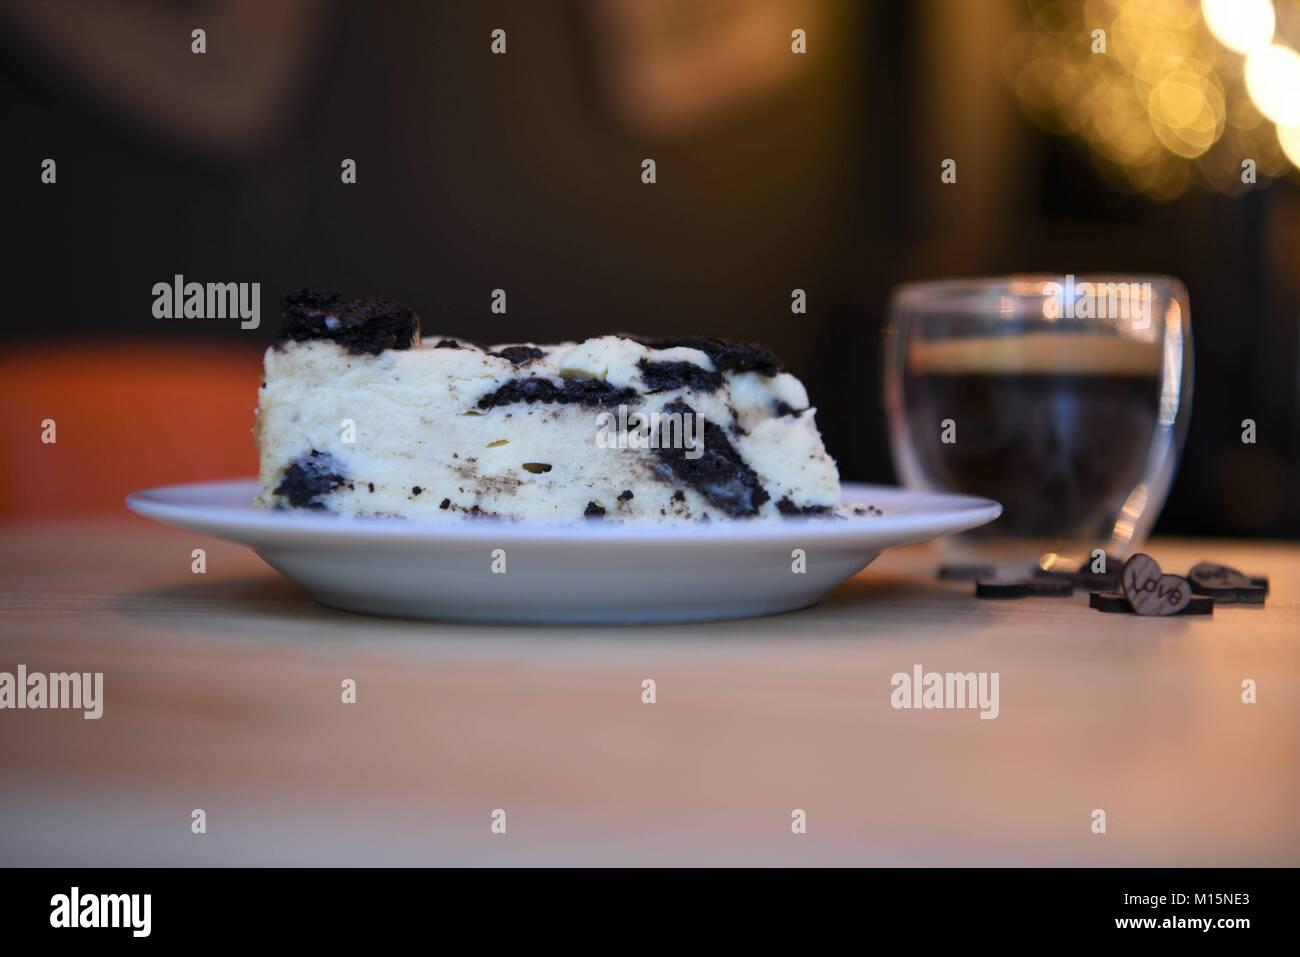 La nourriture faite maison de biscuit chocolat cheesecake avec un coeur d'amour et de l'éclairage décorations Photo Stock